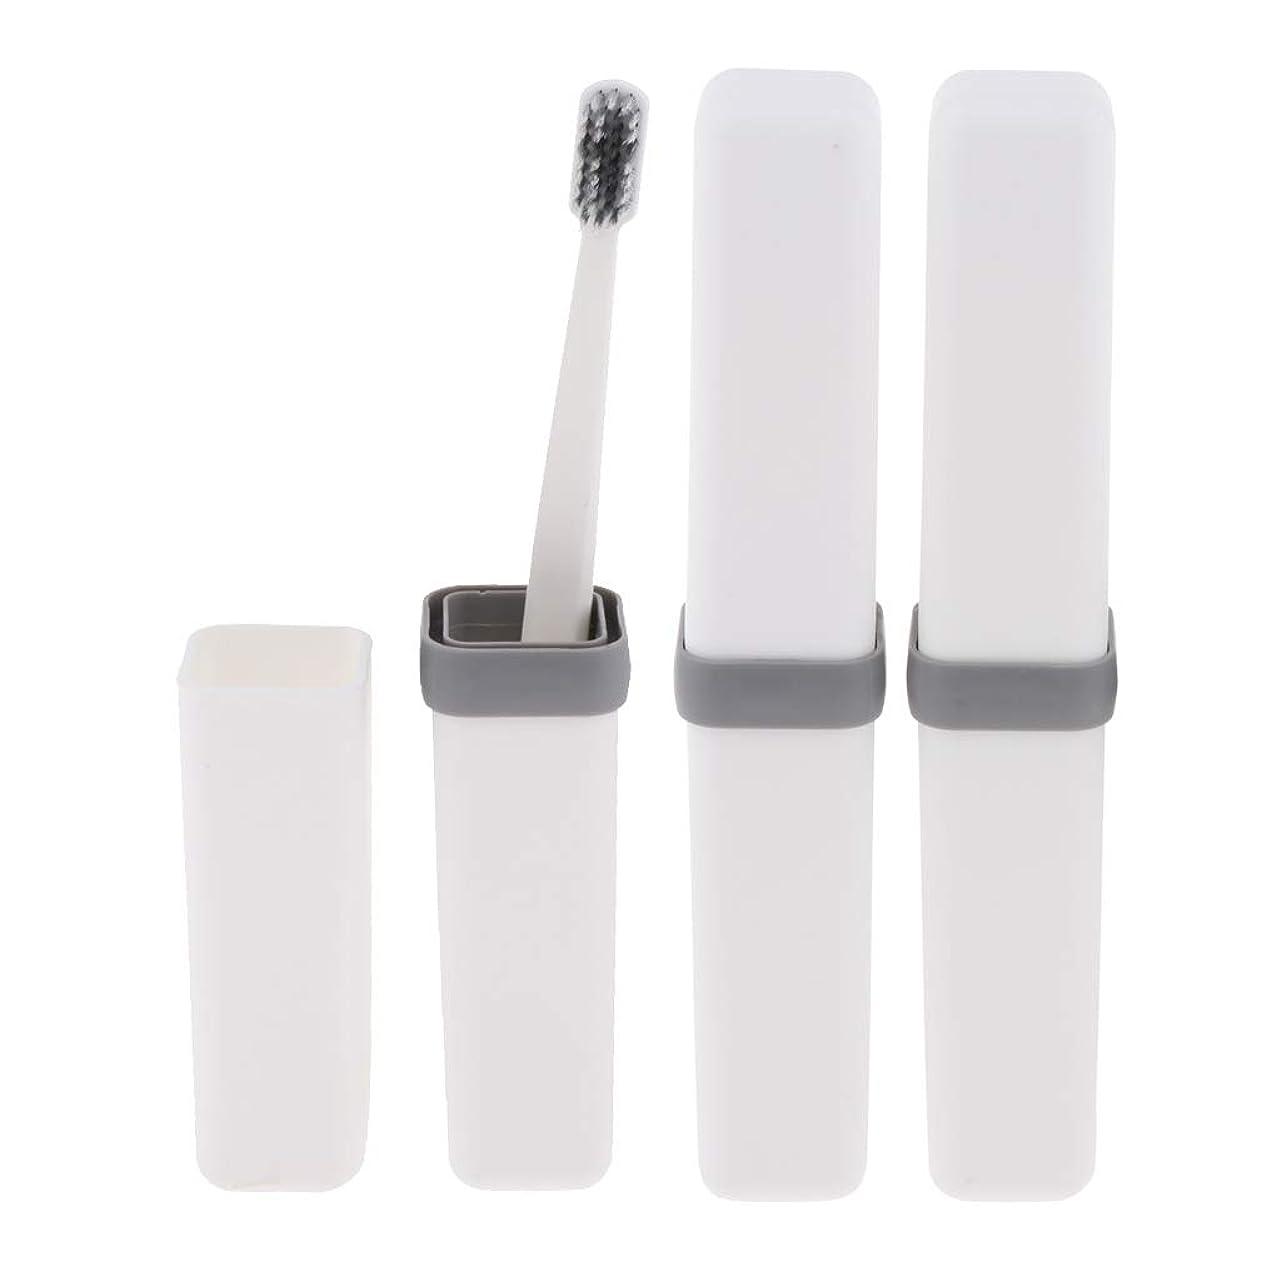 火曜日使用法クラフトFenteer 歯ブラシ 歯磨き 歯清潔 収納ボックス付 旅行 キャンプ 学校 軽量 携帯 実用的 3個 全4色 - 白